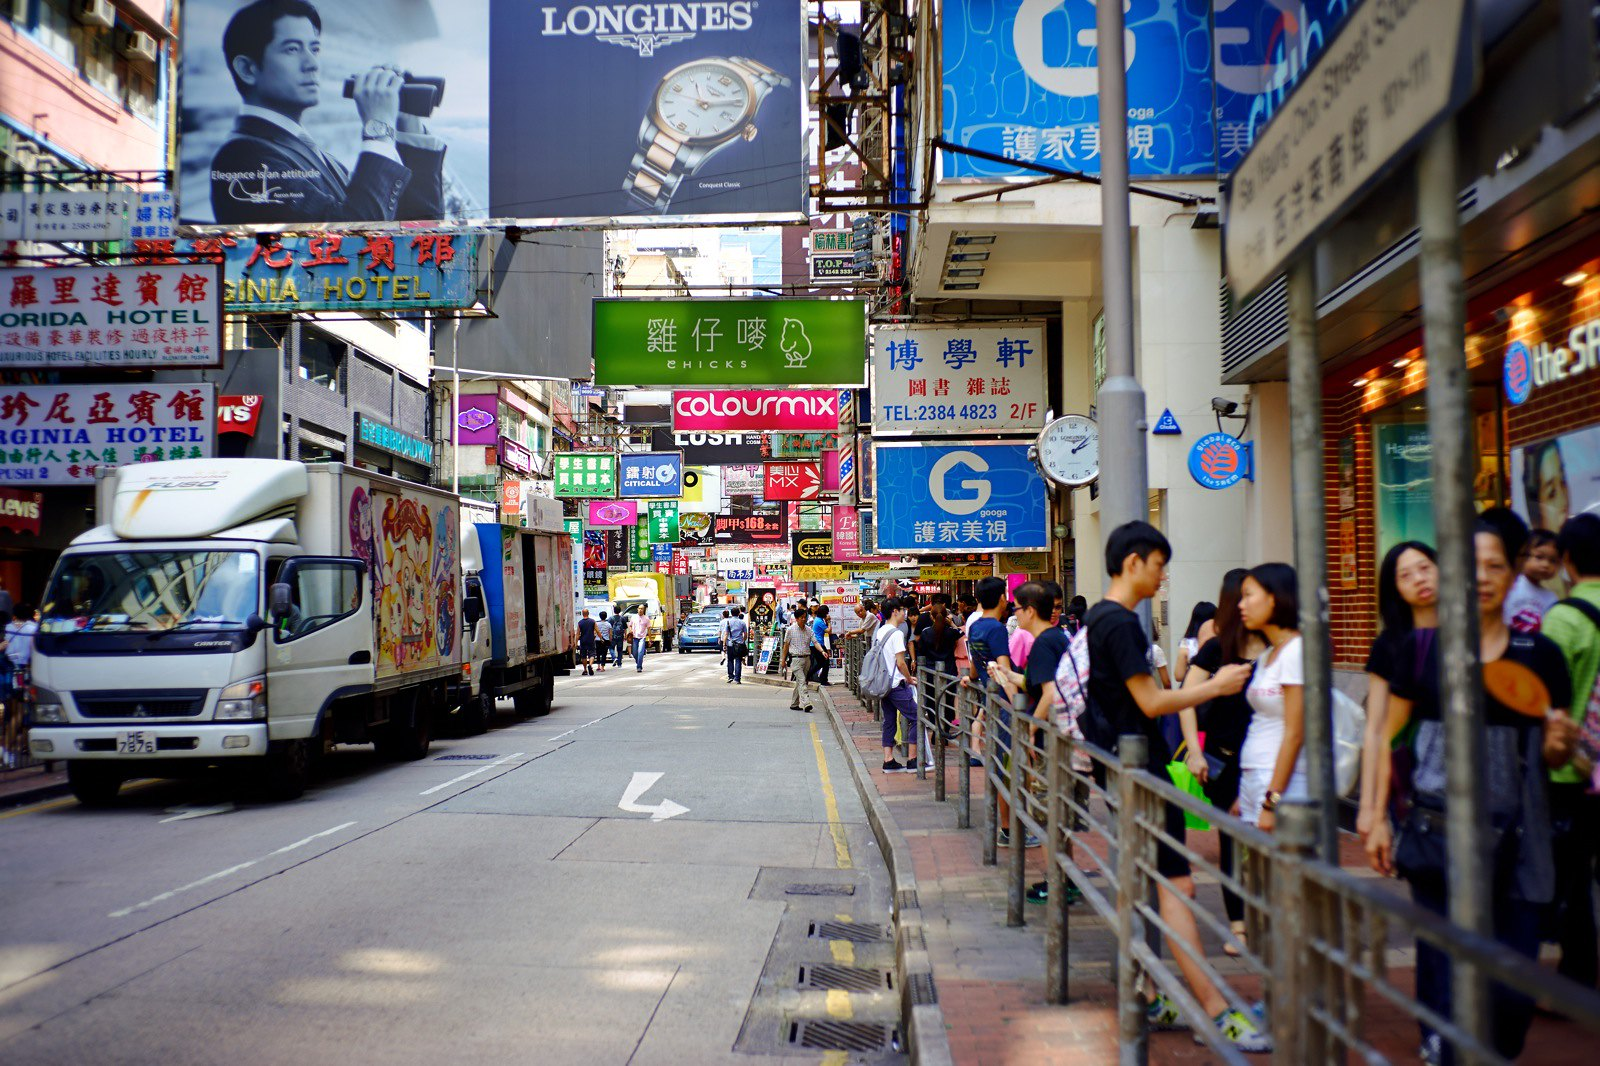 香港 1 (圖超多, 應觀眾要求拆成三段, 補上文字與編號)